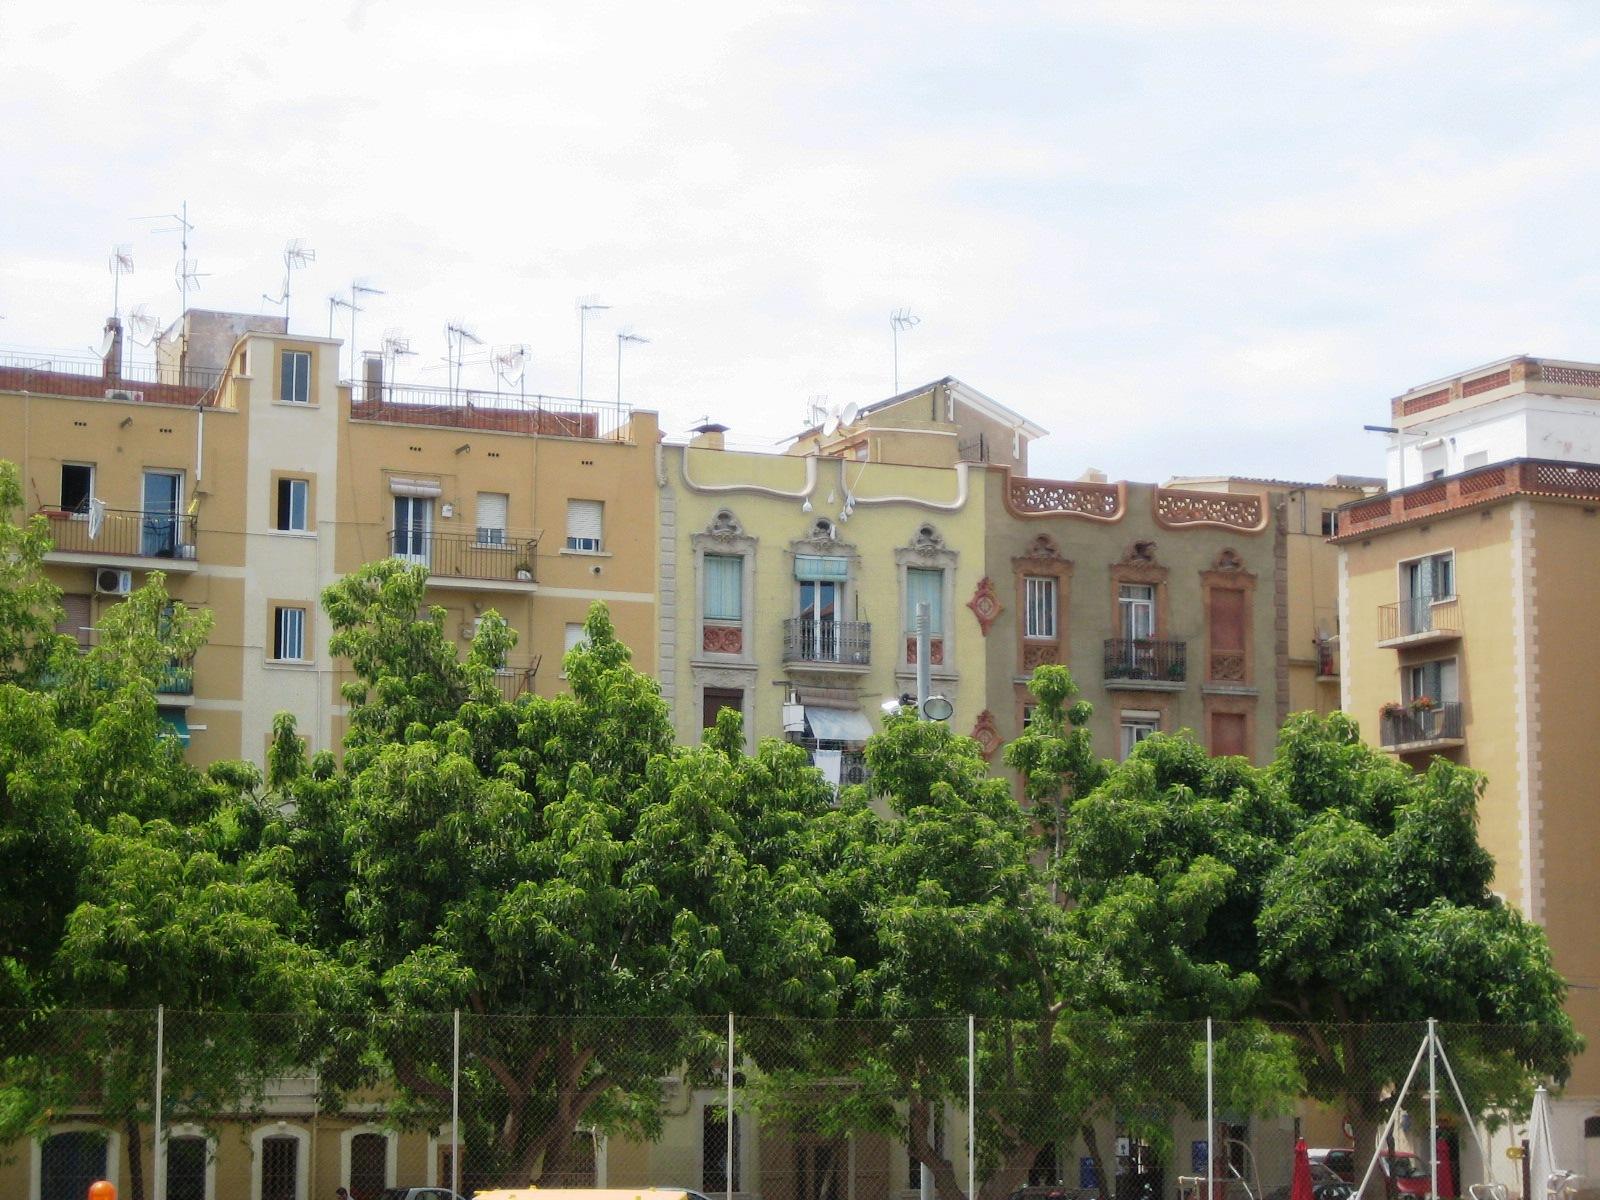 Immeubles du quartier de Barcelone : de La Barceloneta